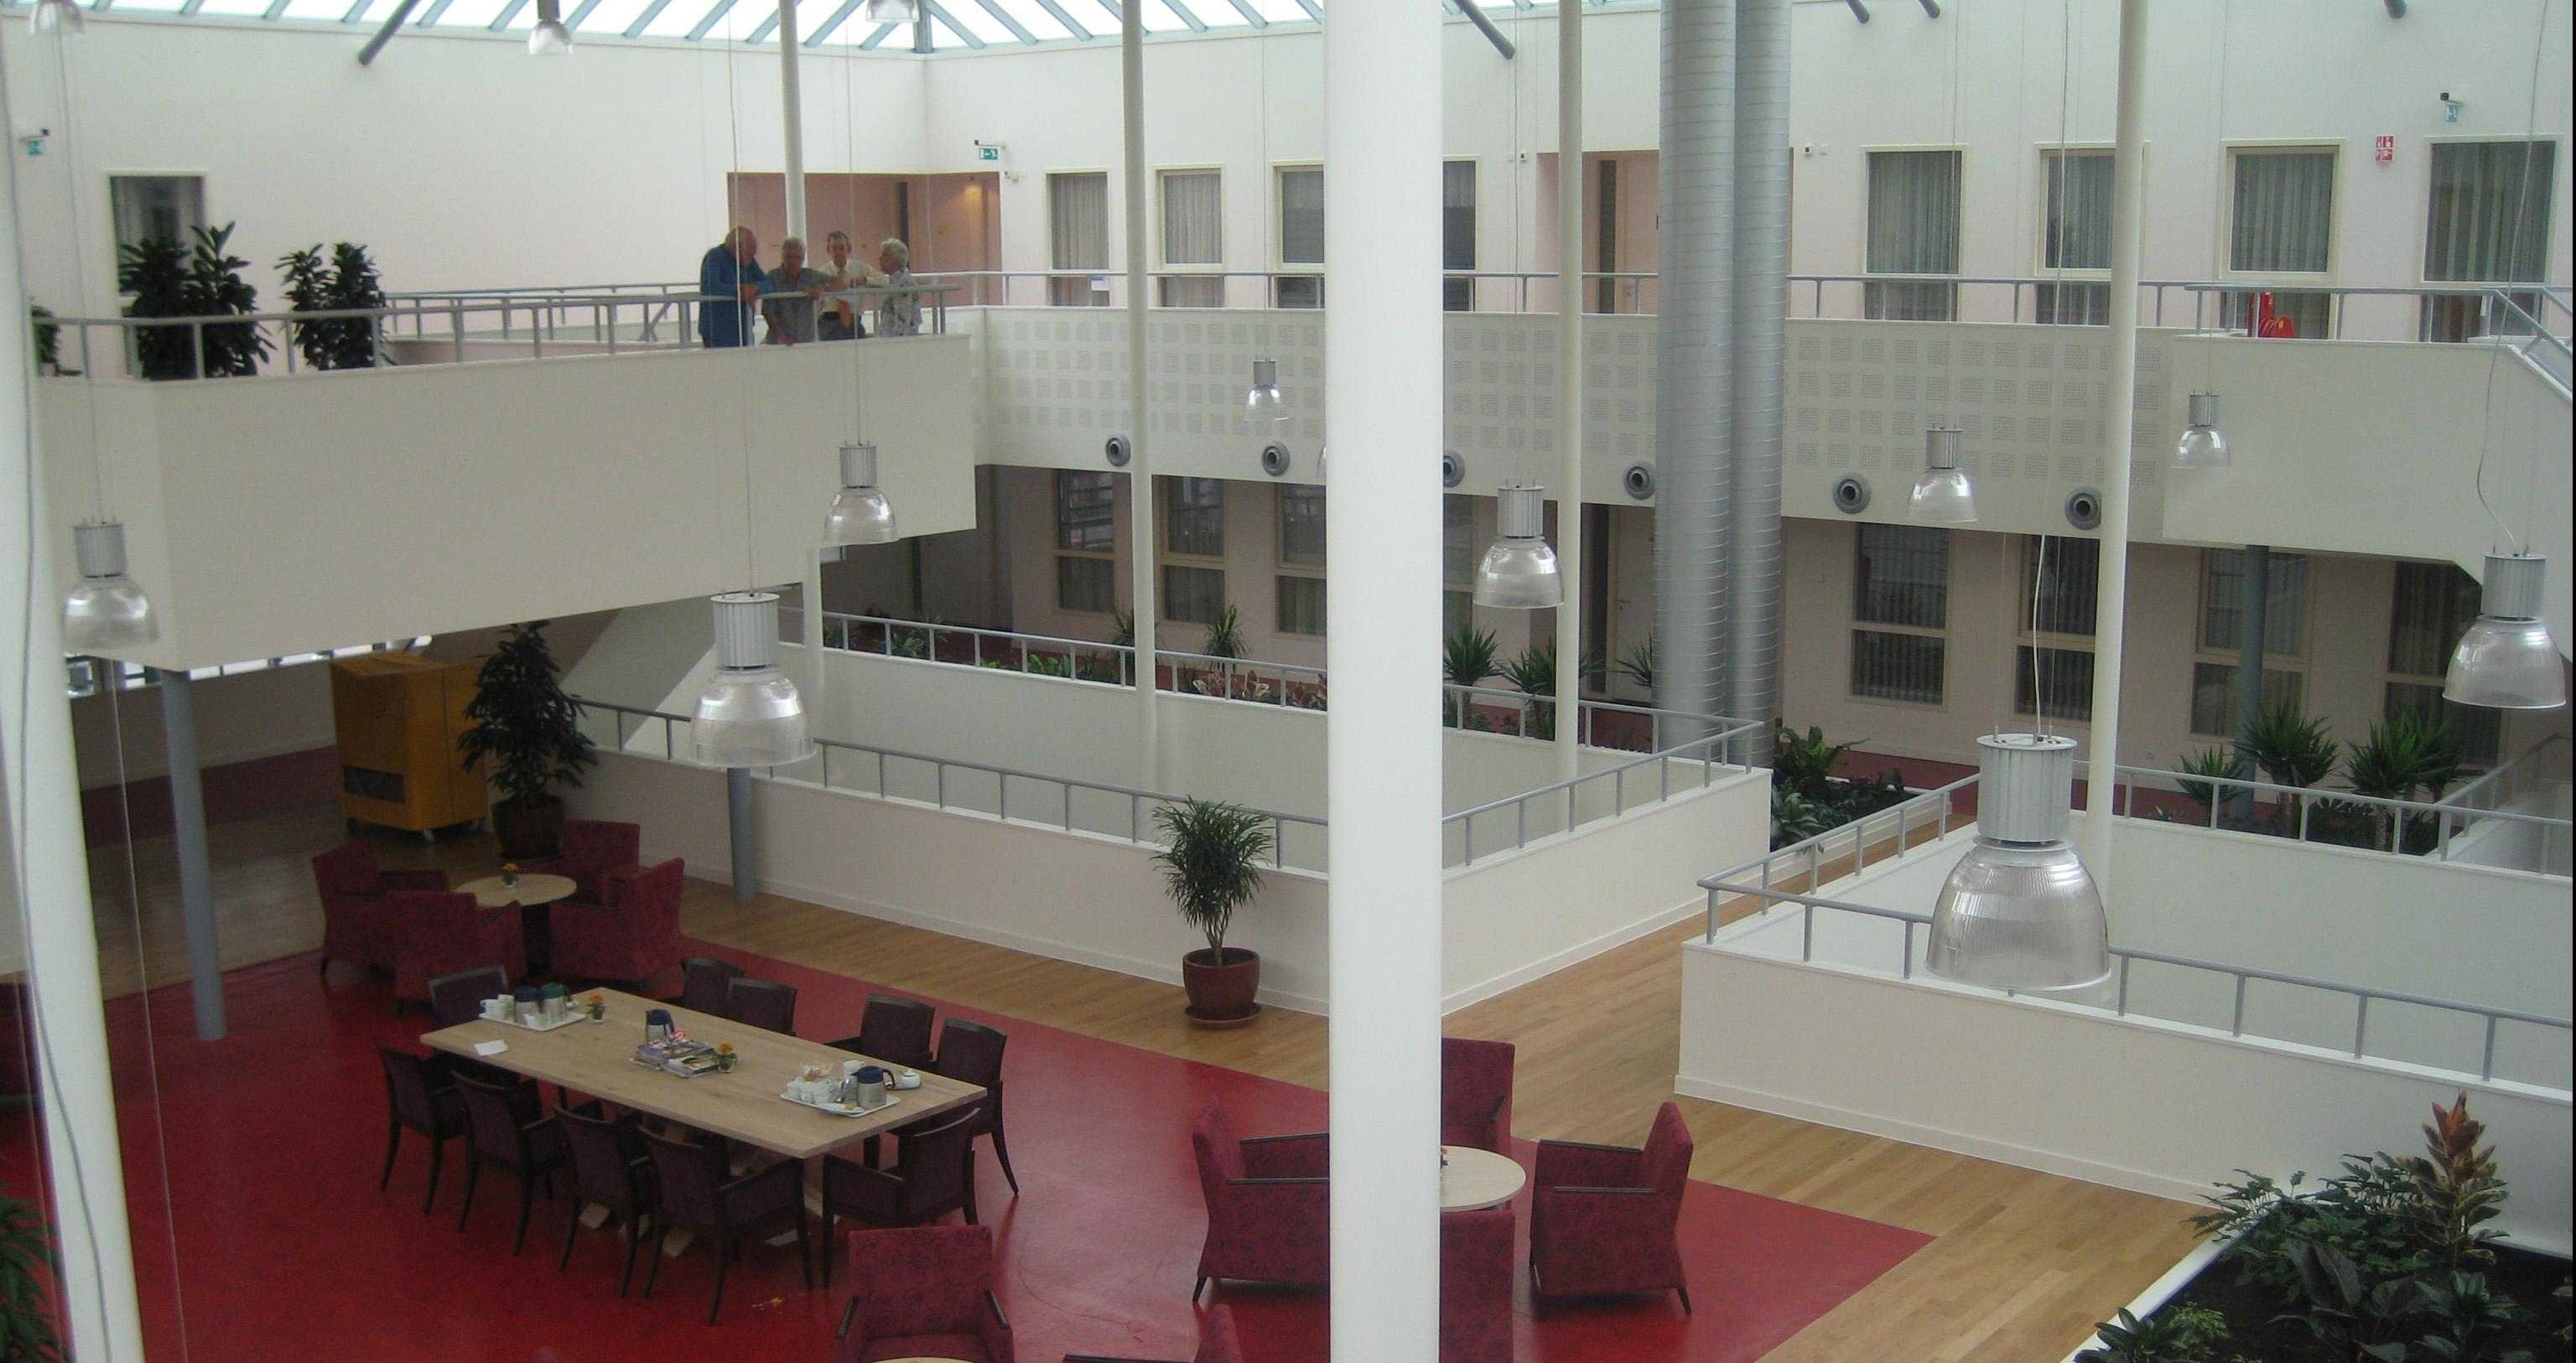 zorg-vastgoed-de-tuinen-interieur